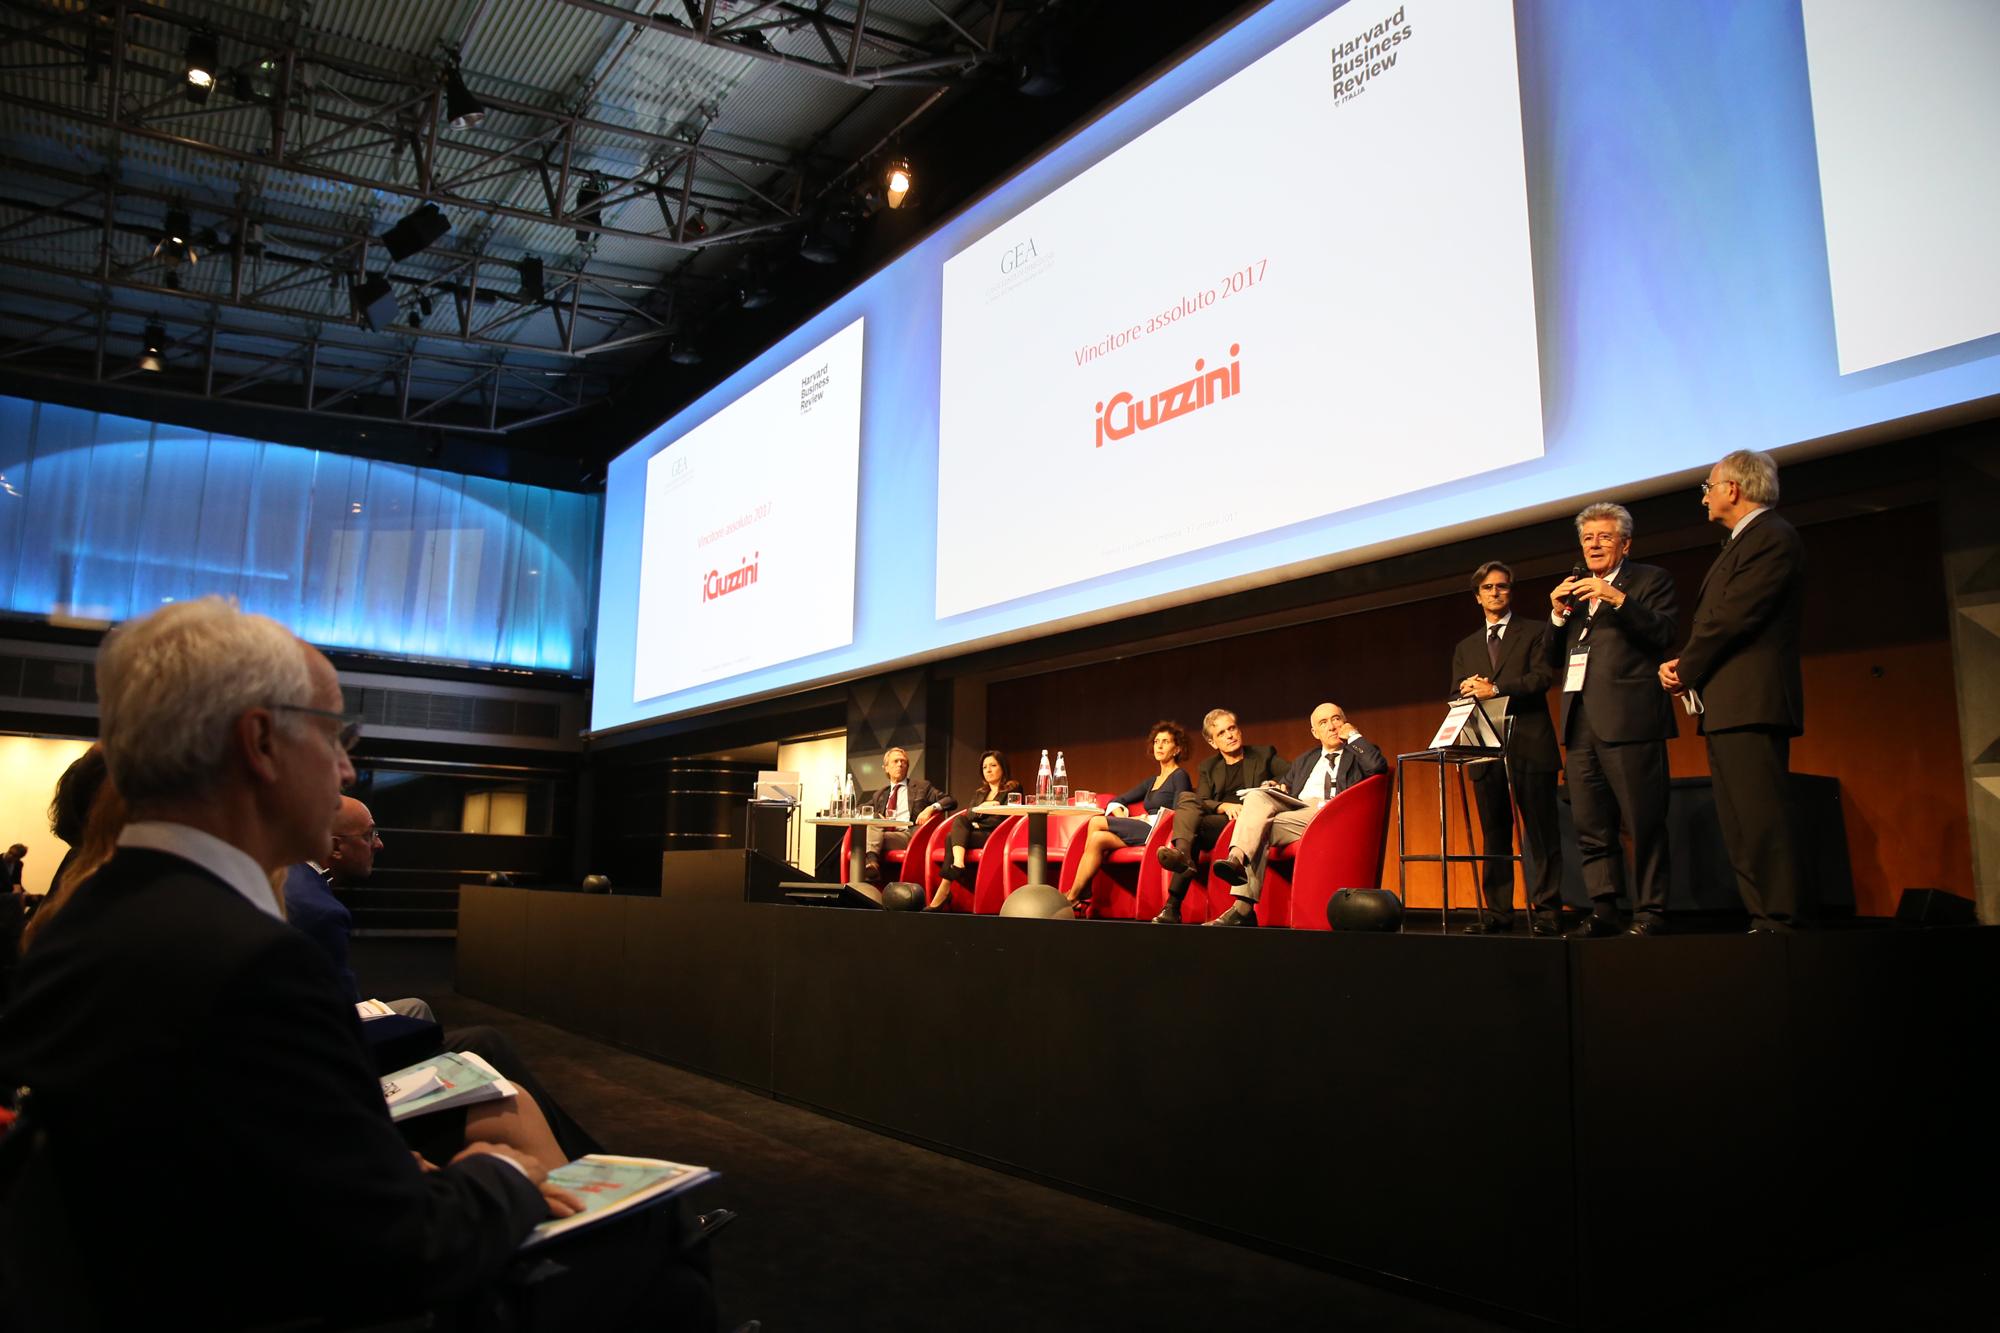 Crescita e Sostenibilità, Innovazione e Tecnologia, Internazionalizzazione e StartUp